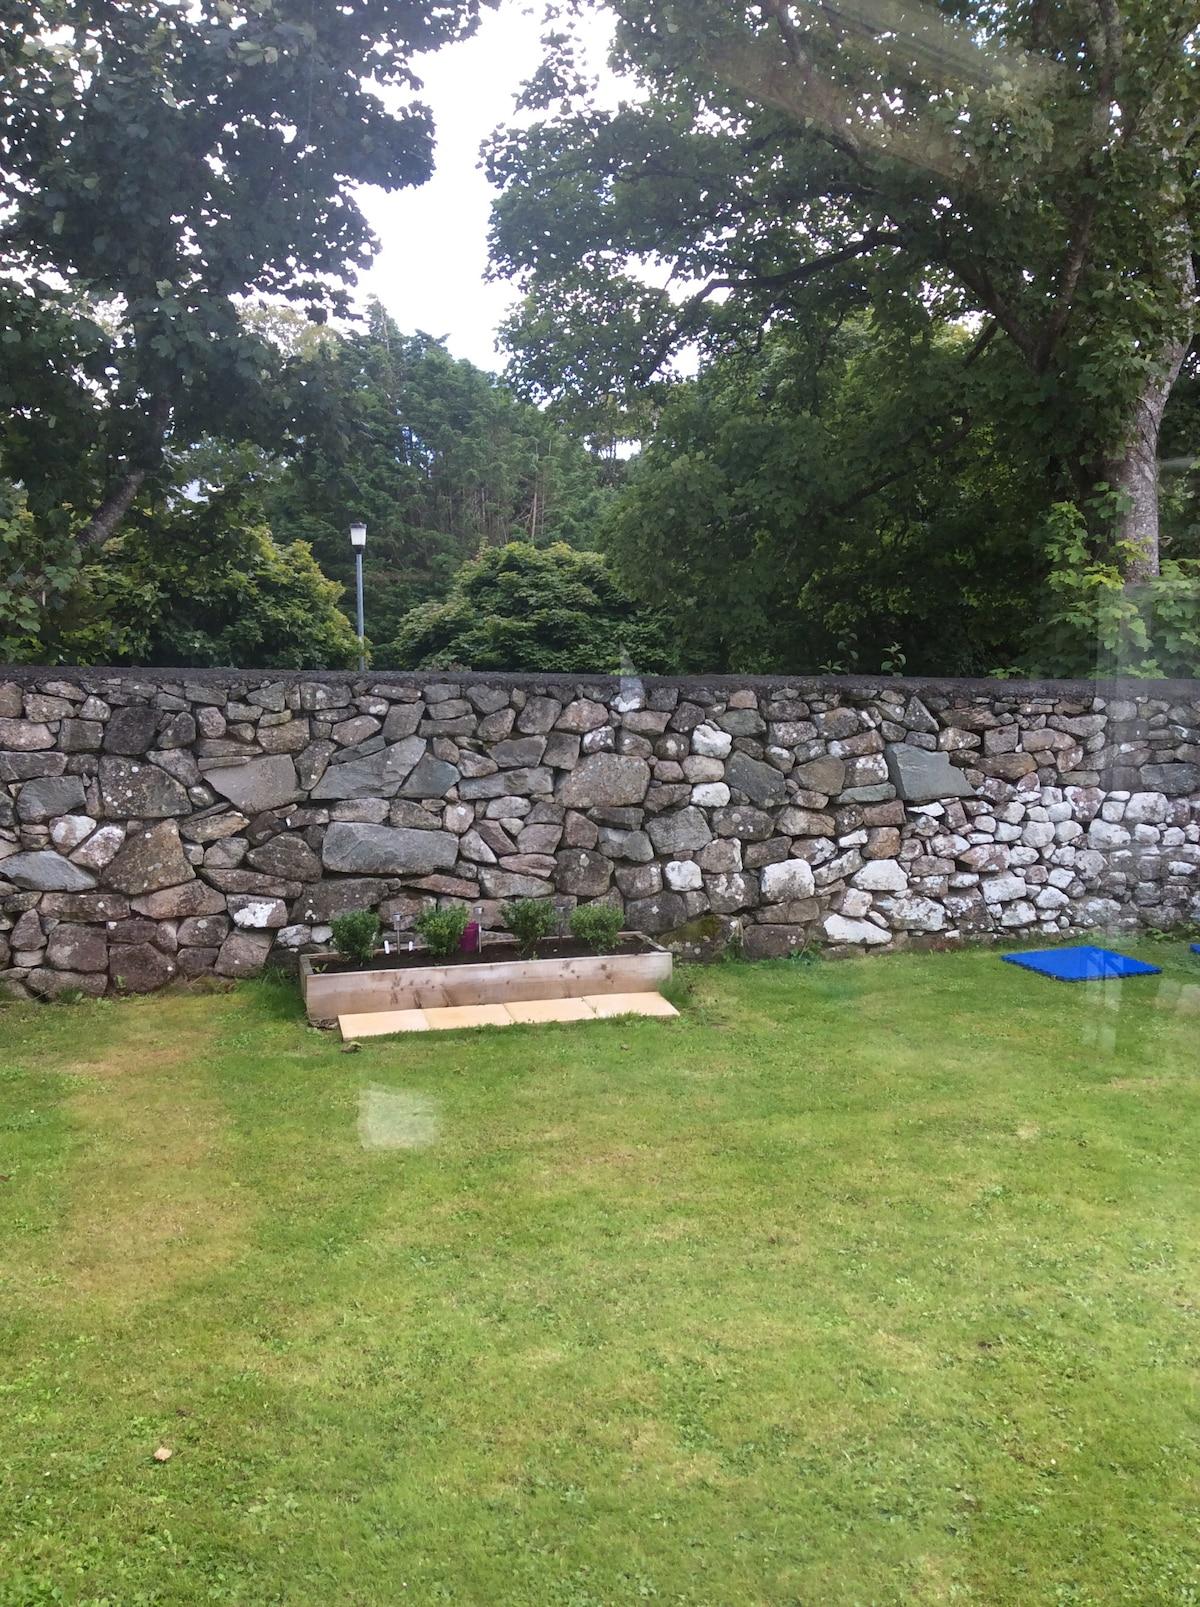 Fiona From Kinvarra, Ireland